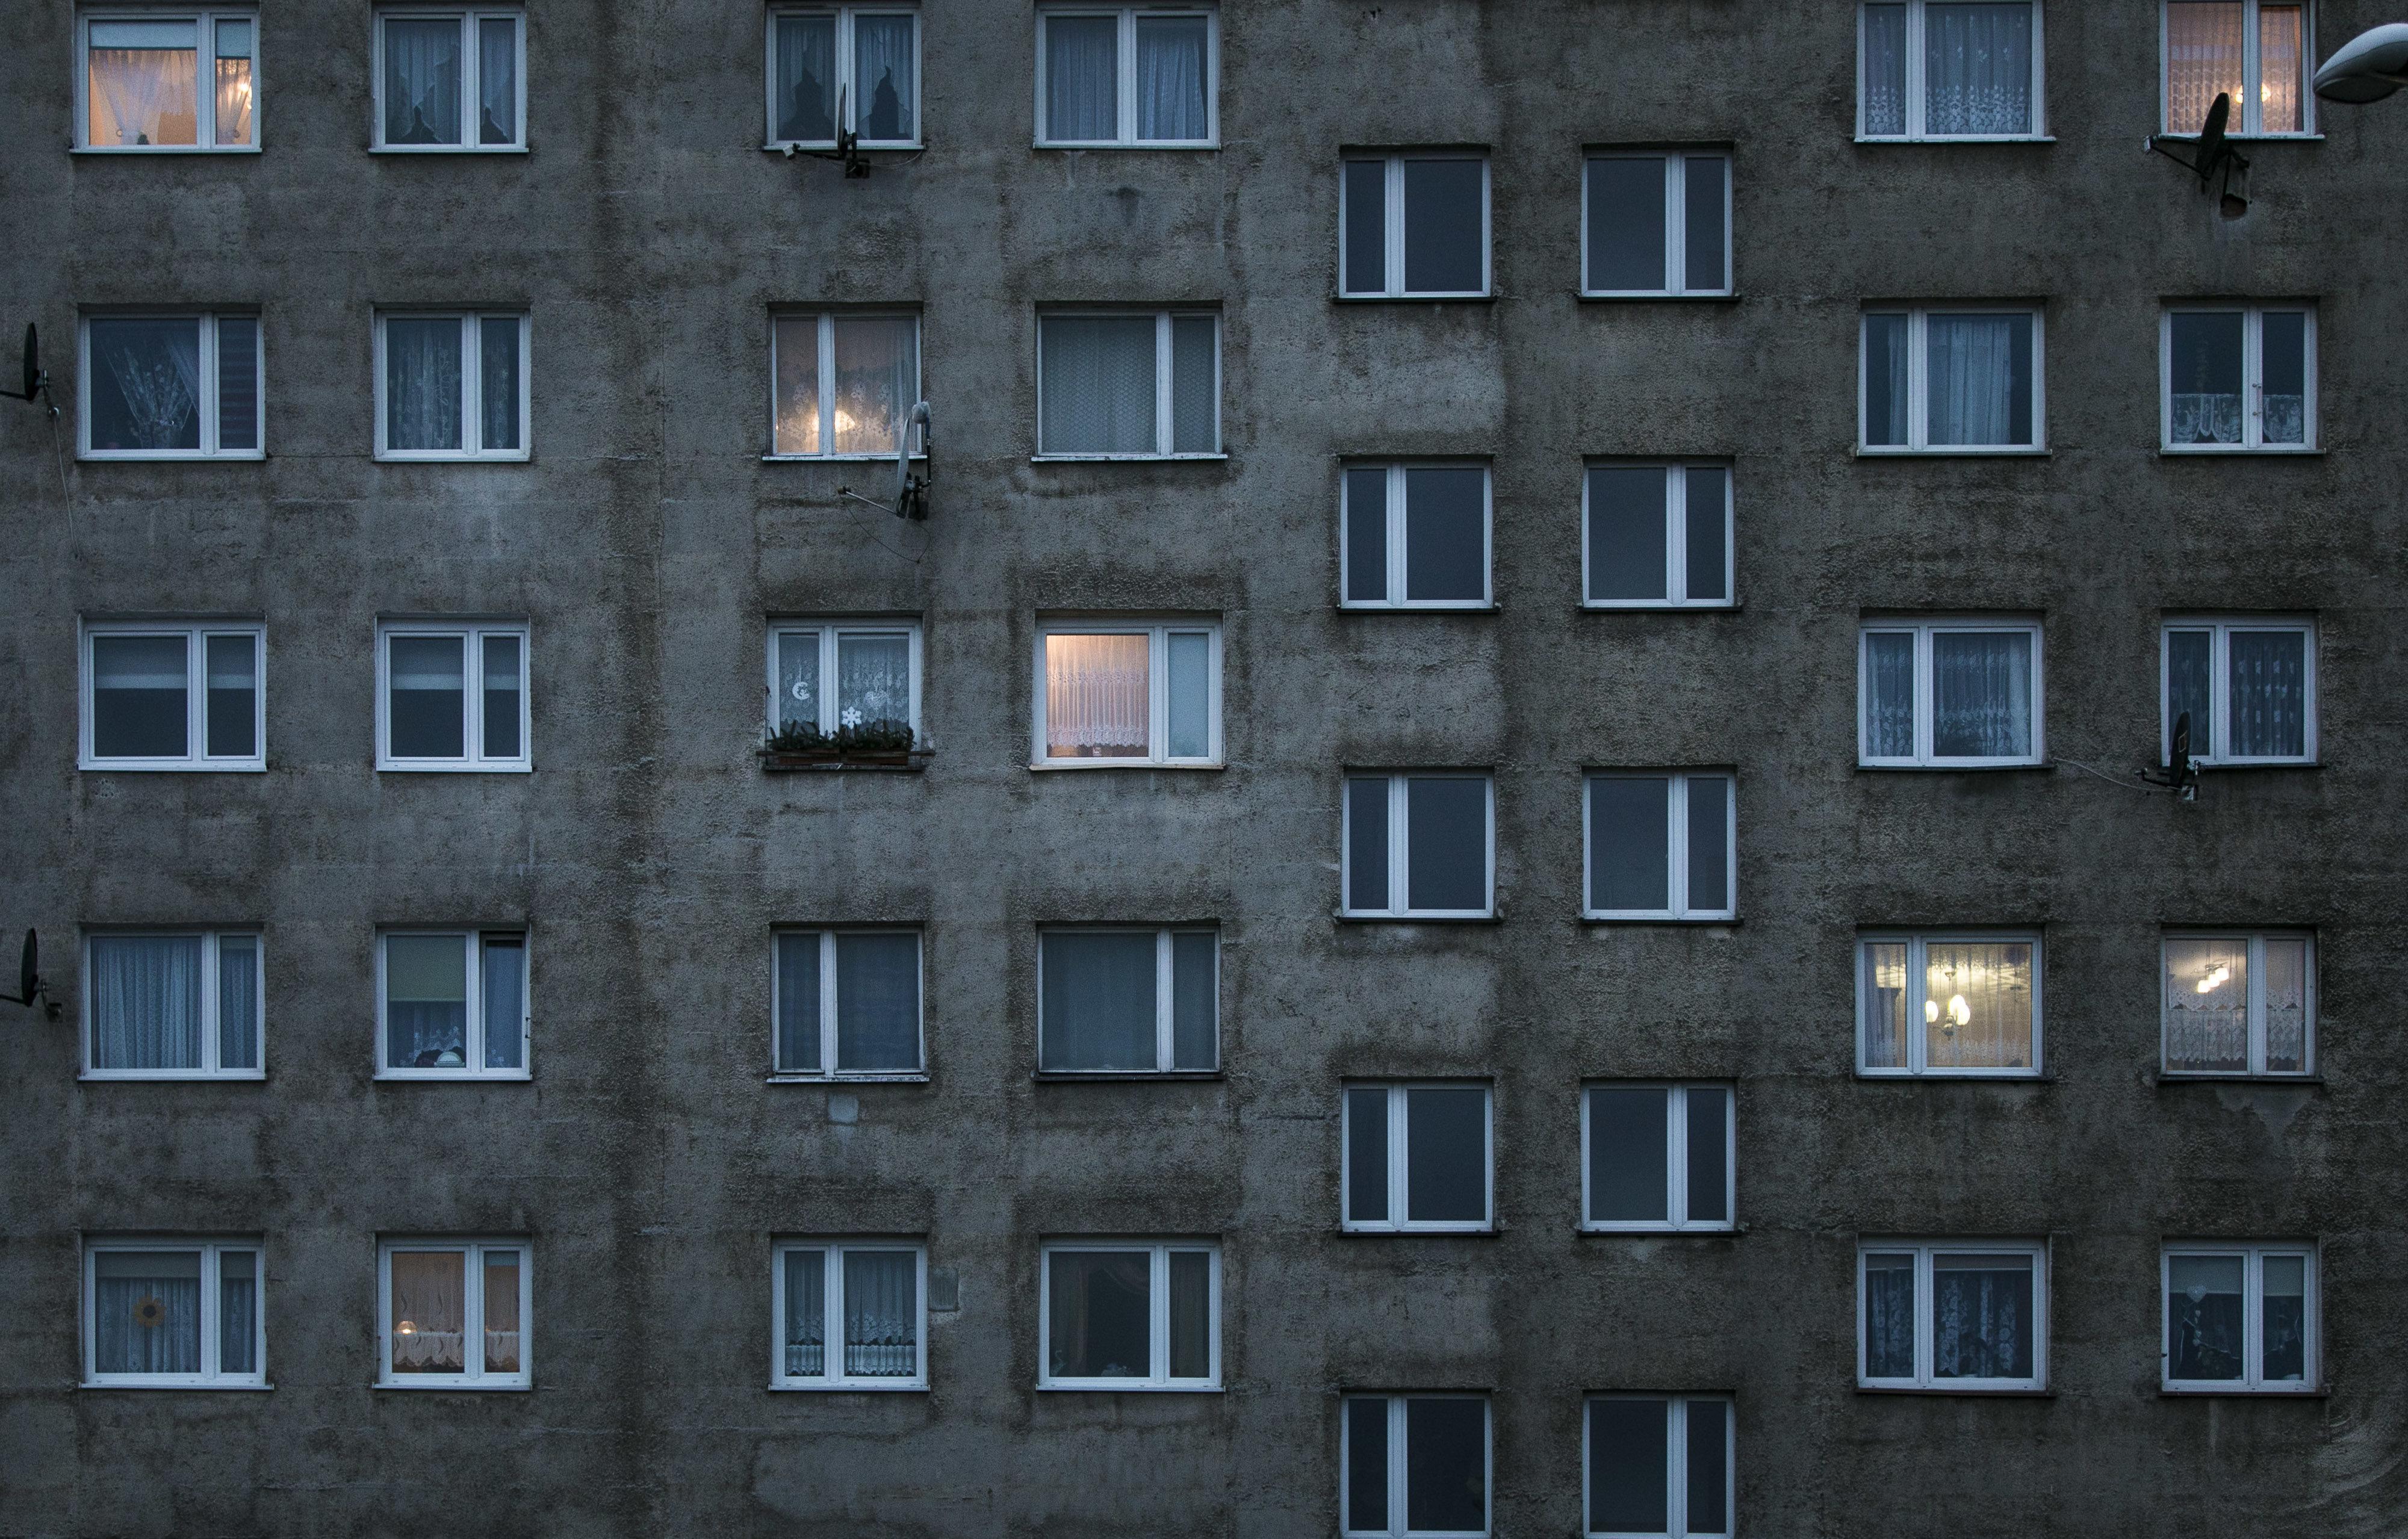 Bayerisches Amt will 90-Jährigen aus Wohnung werfen, obwohl Behörde Fehler